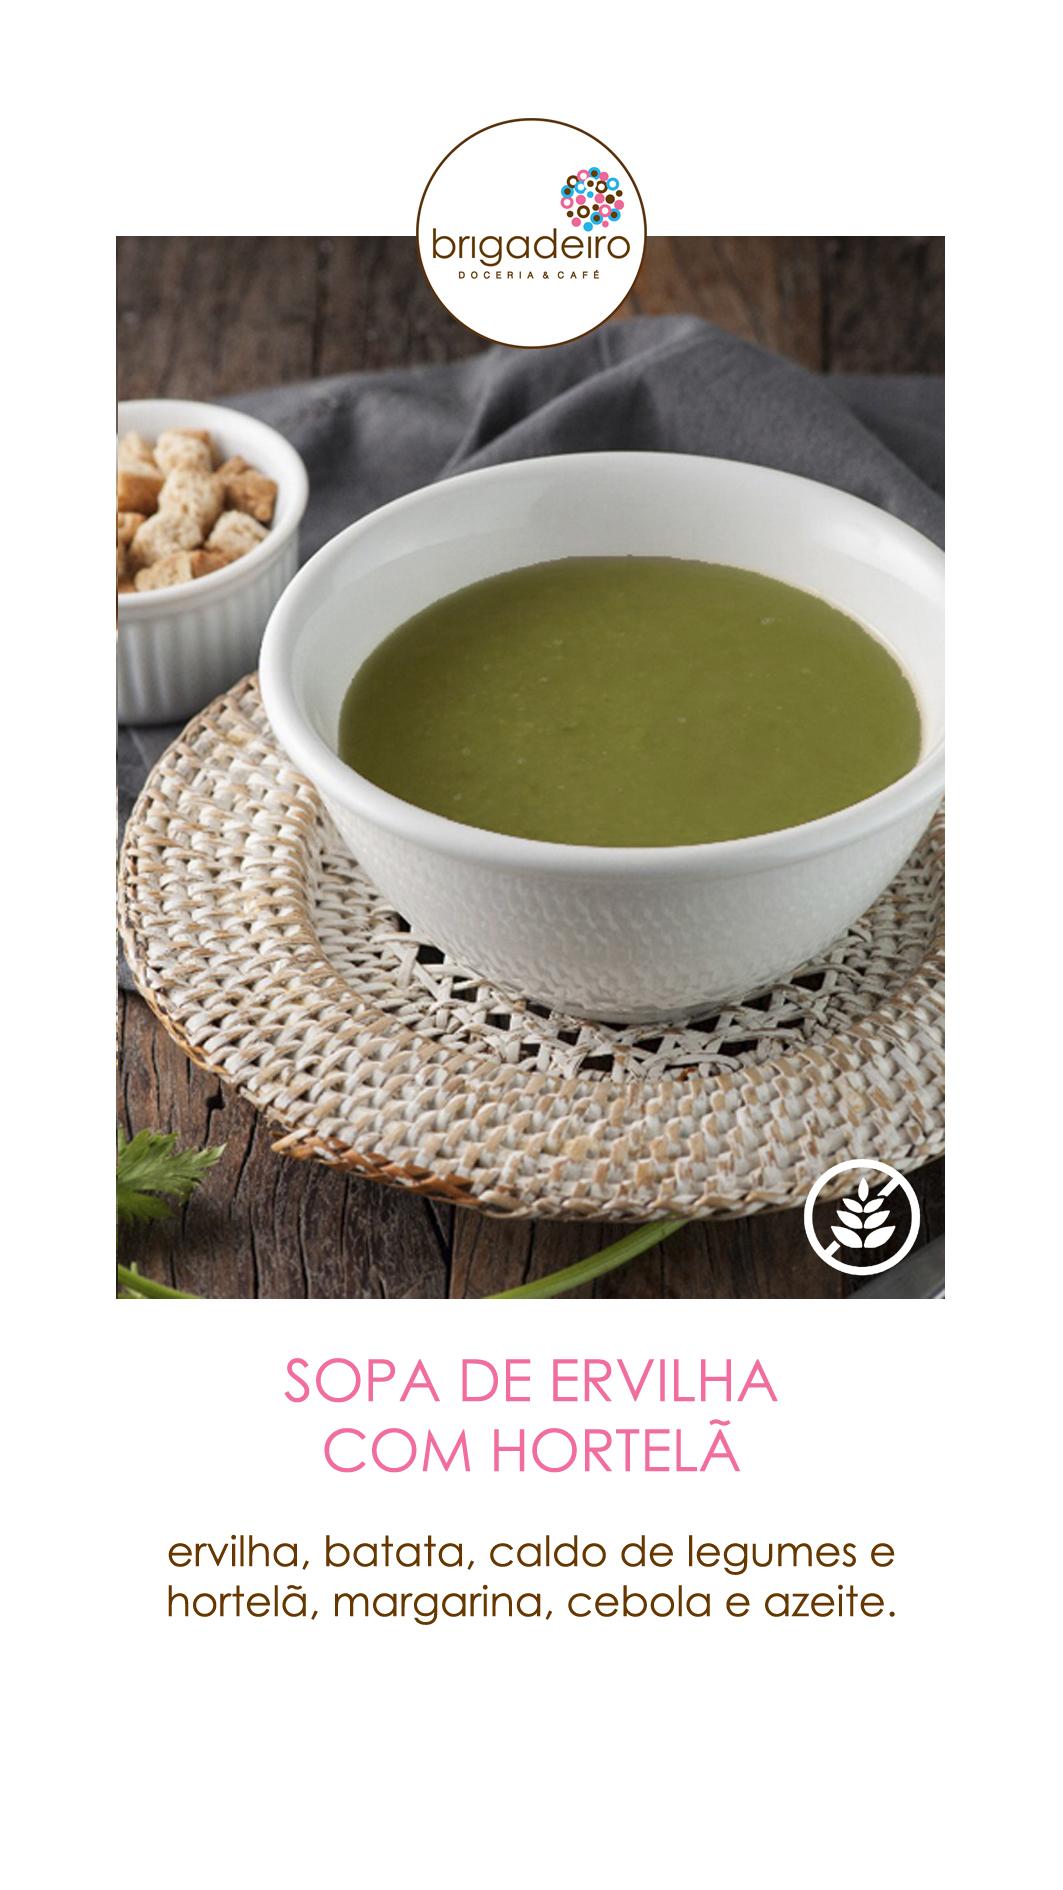 SOPA_ERVILHA_COM_HORTELÃ